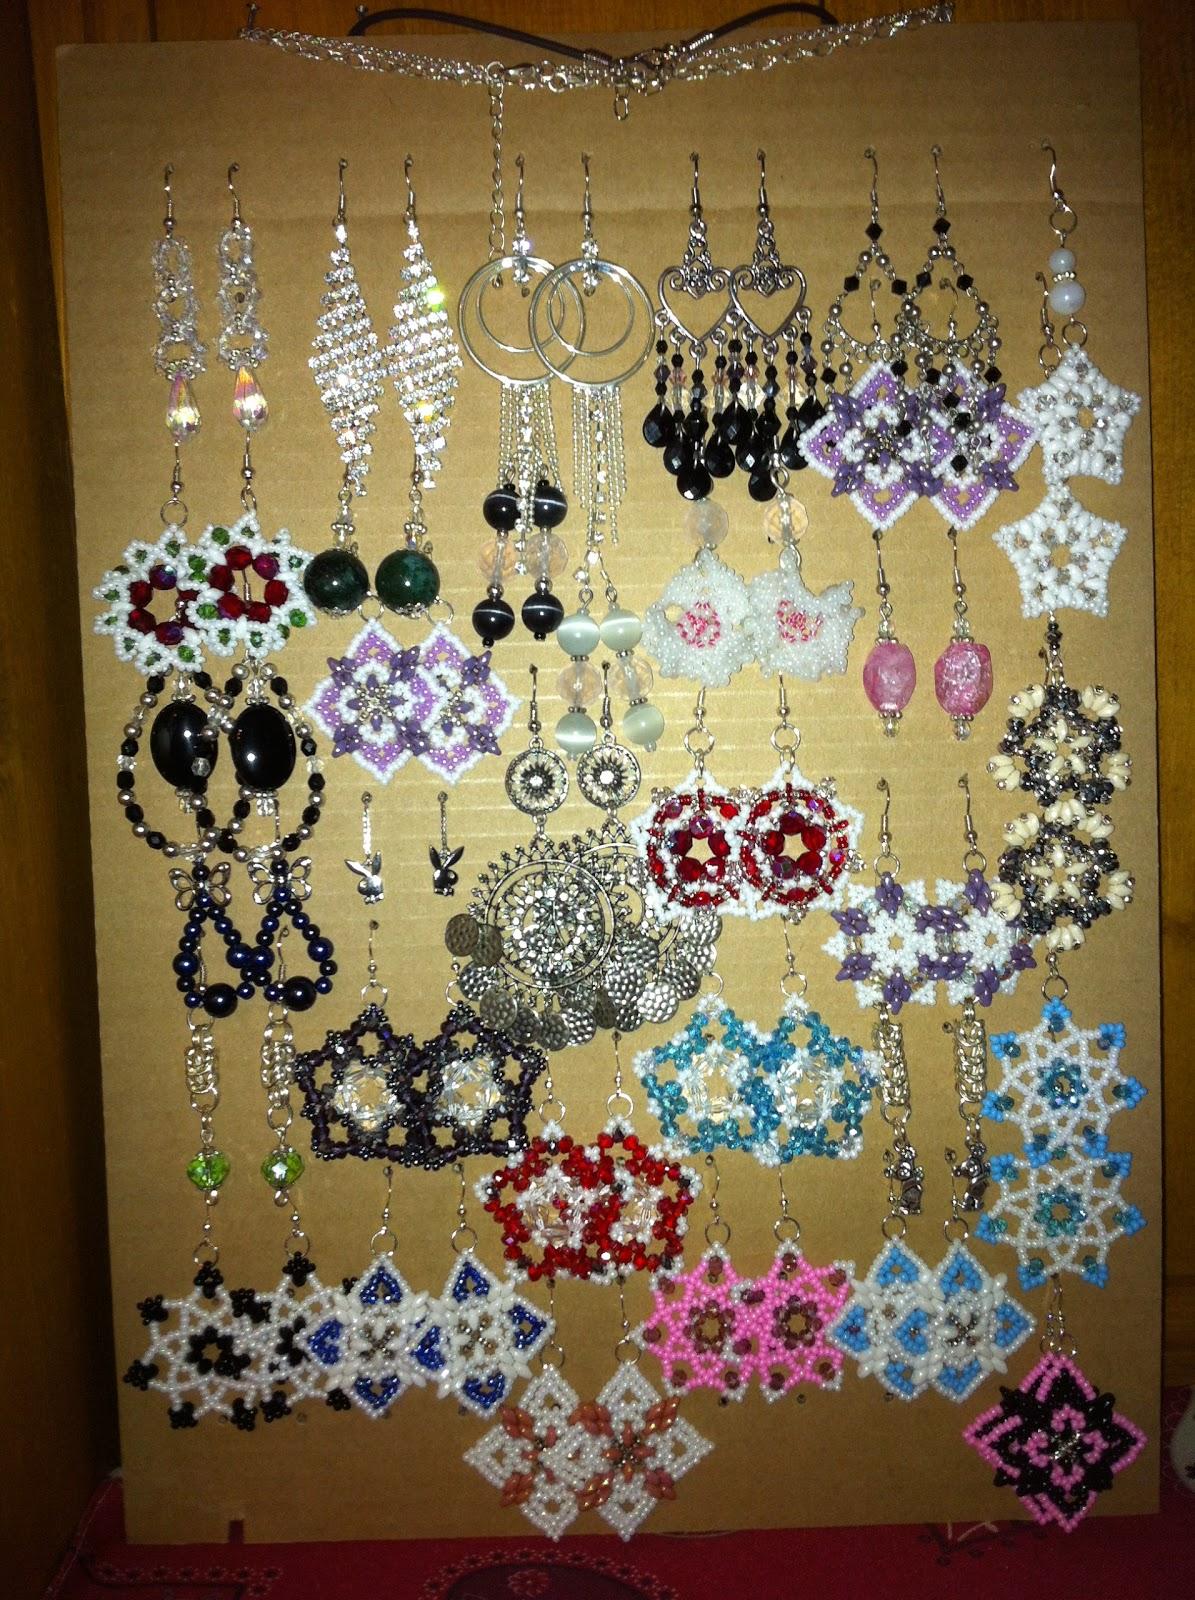 Estremamente Marina Perino Official: I miei espositori per gioielli fai da te PV77